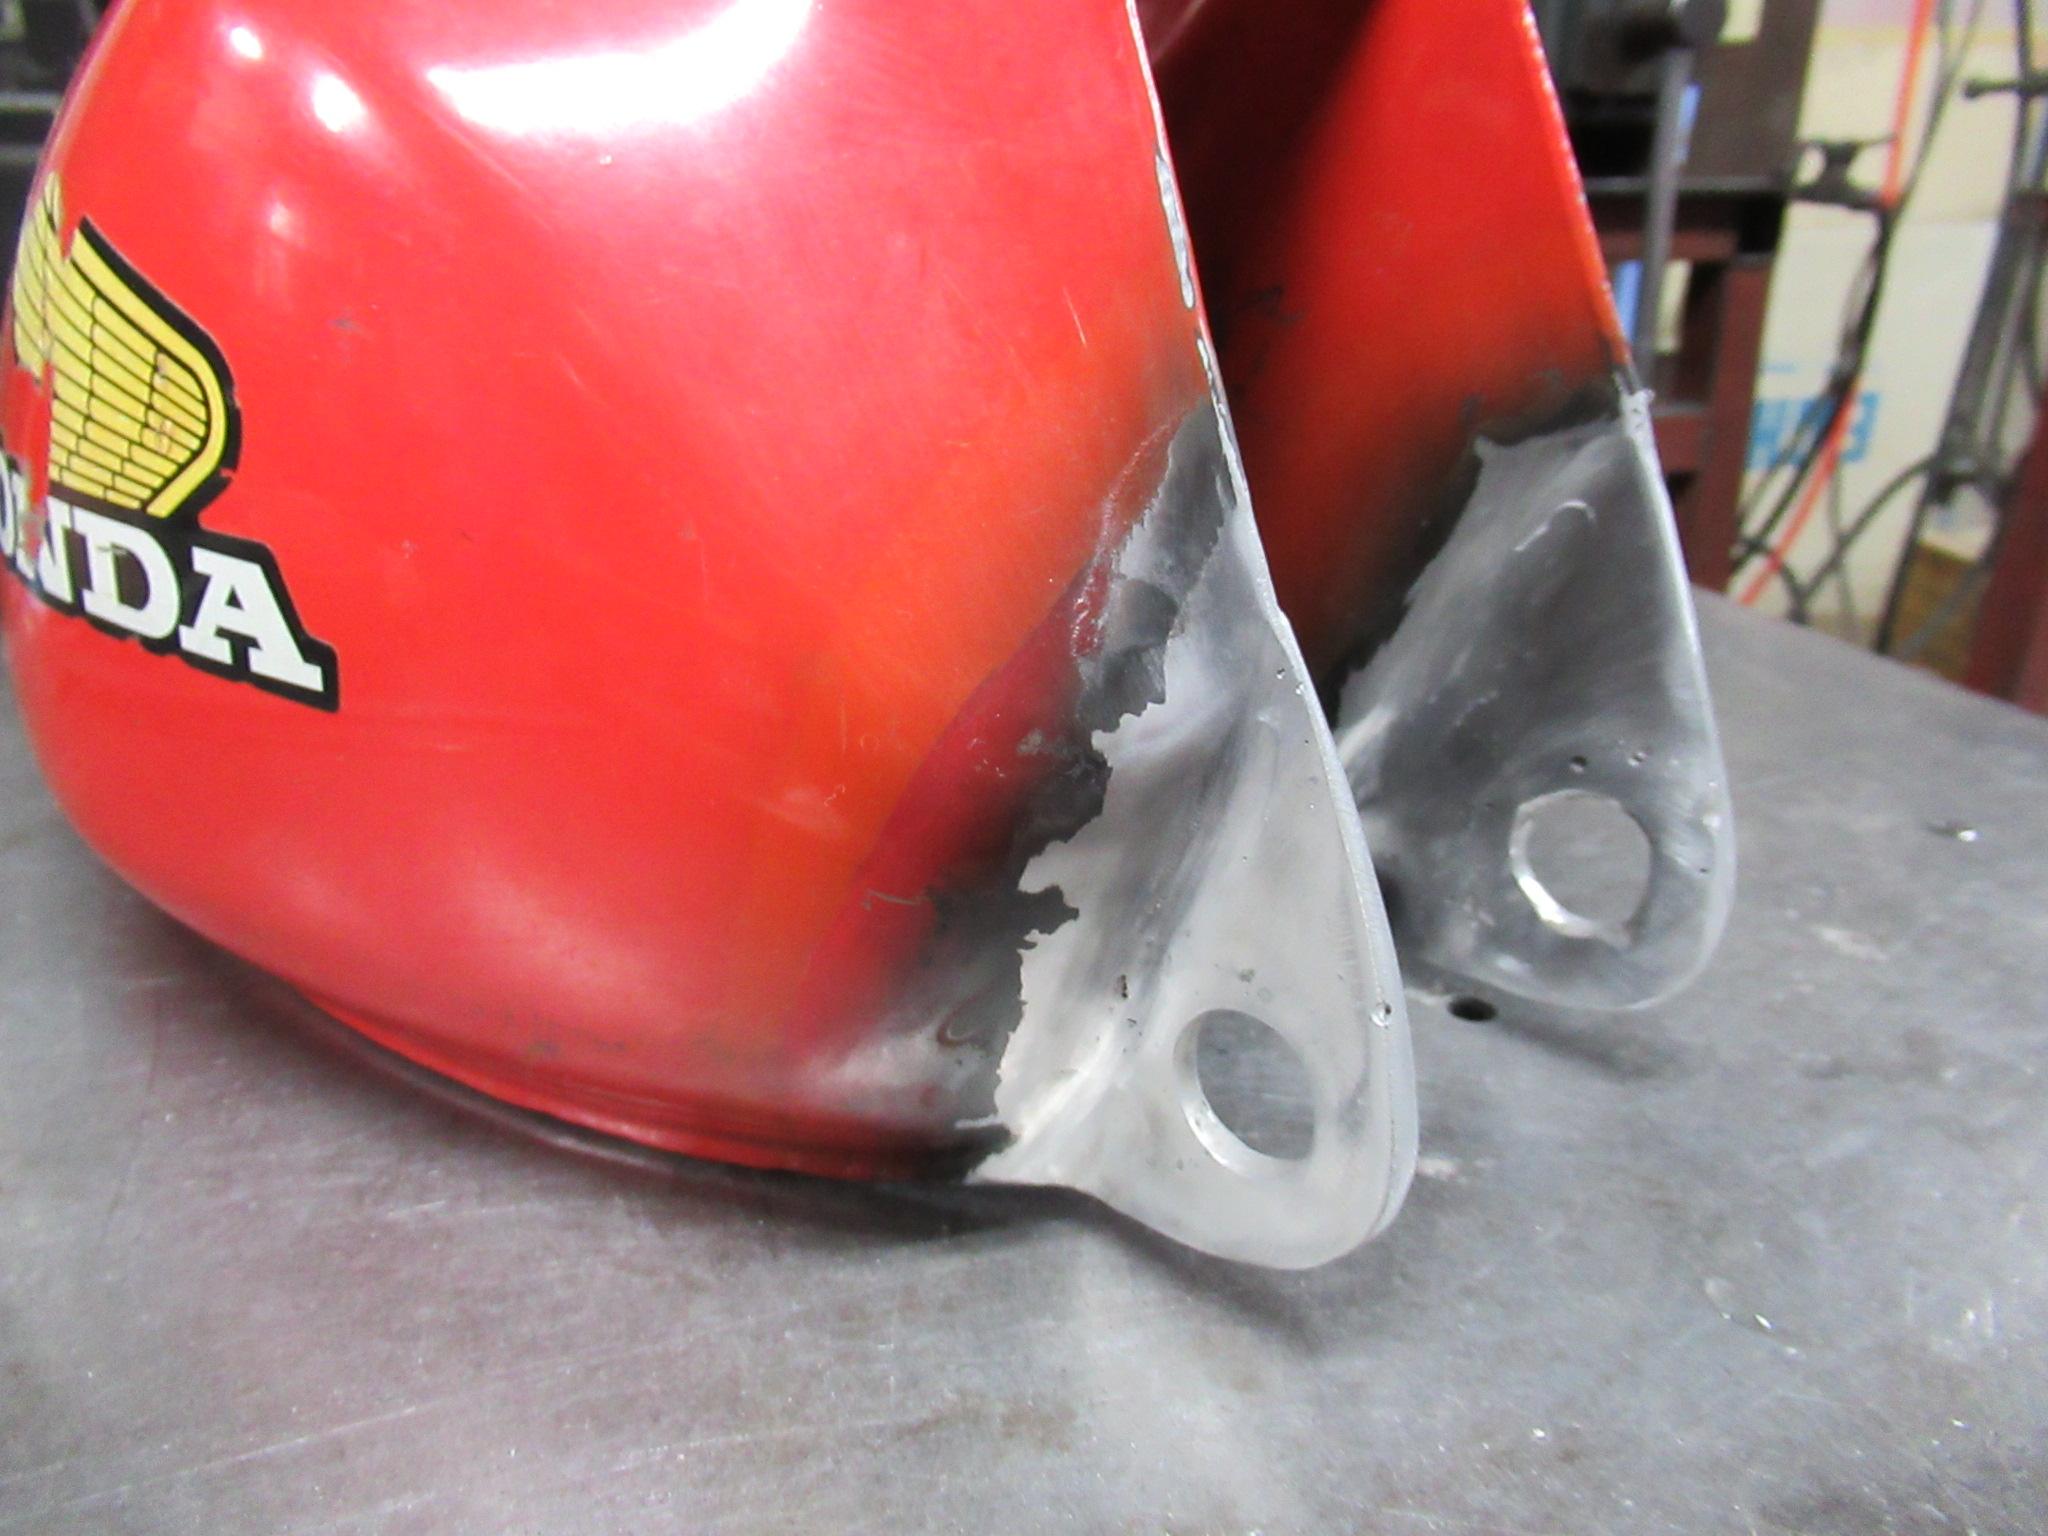 http://www.precious-factory.com/preciousfactory2010/IMG_0967.JPG